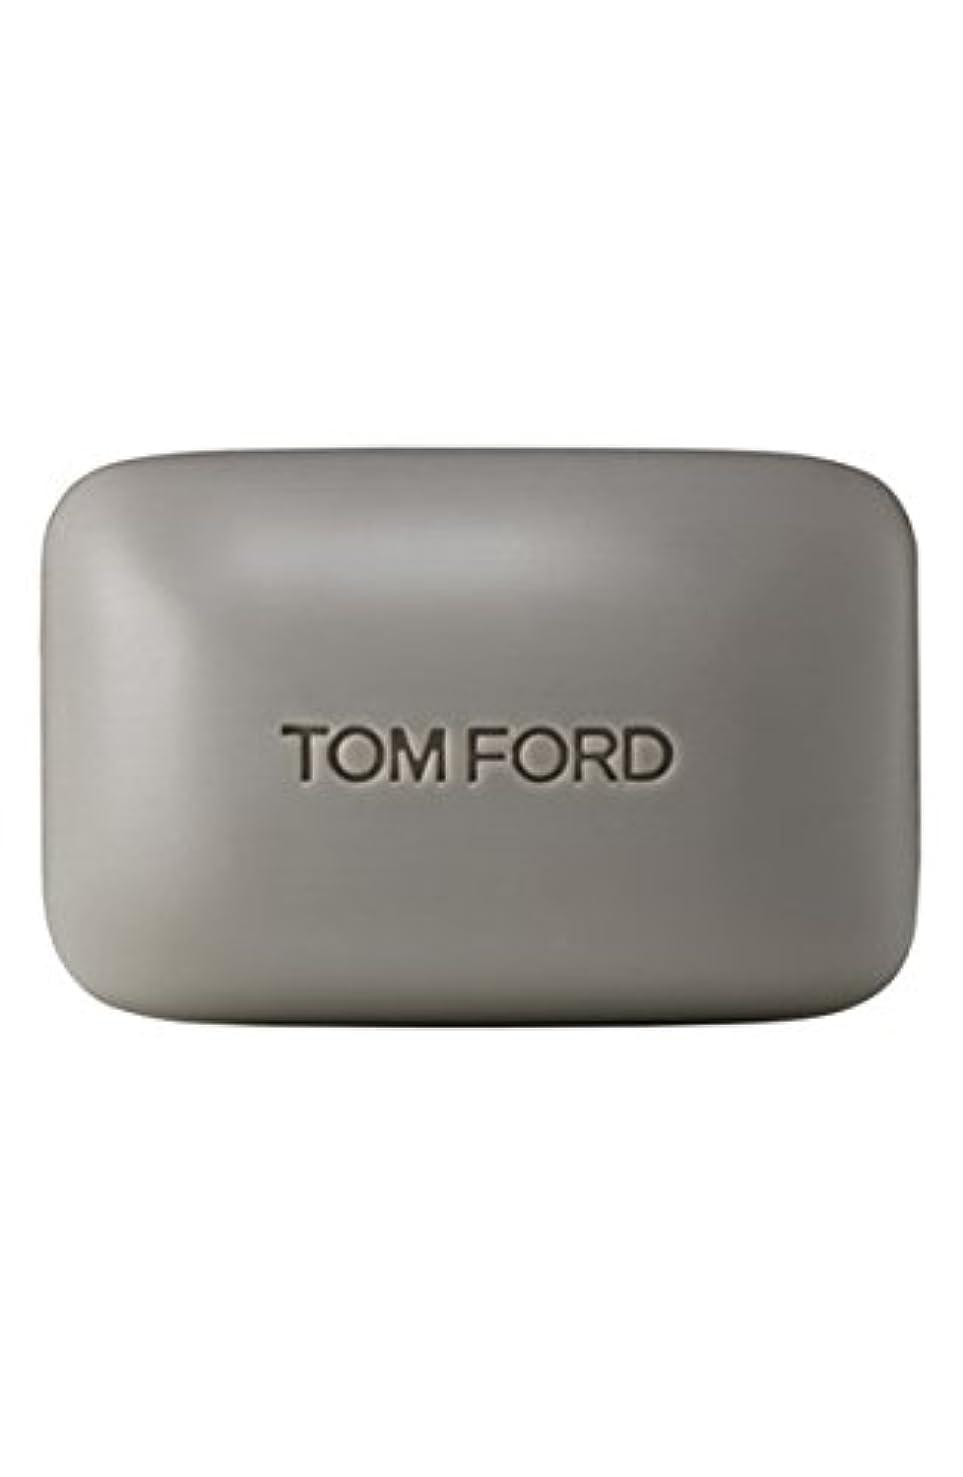 永遠のメナジェリー適応Tom Ford Private Blend 'Oud Wood' (トムフォード プライベートブレンド オードウッド) 5.5 oz (165ml) Bar Soap (固形石鹸)